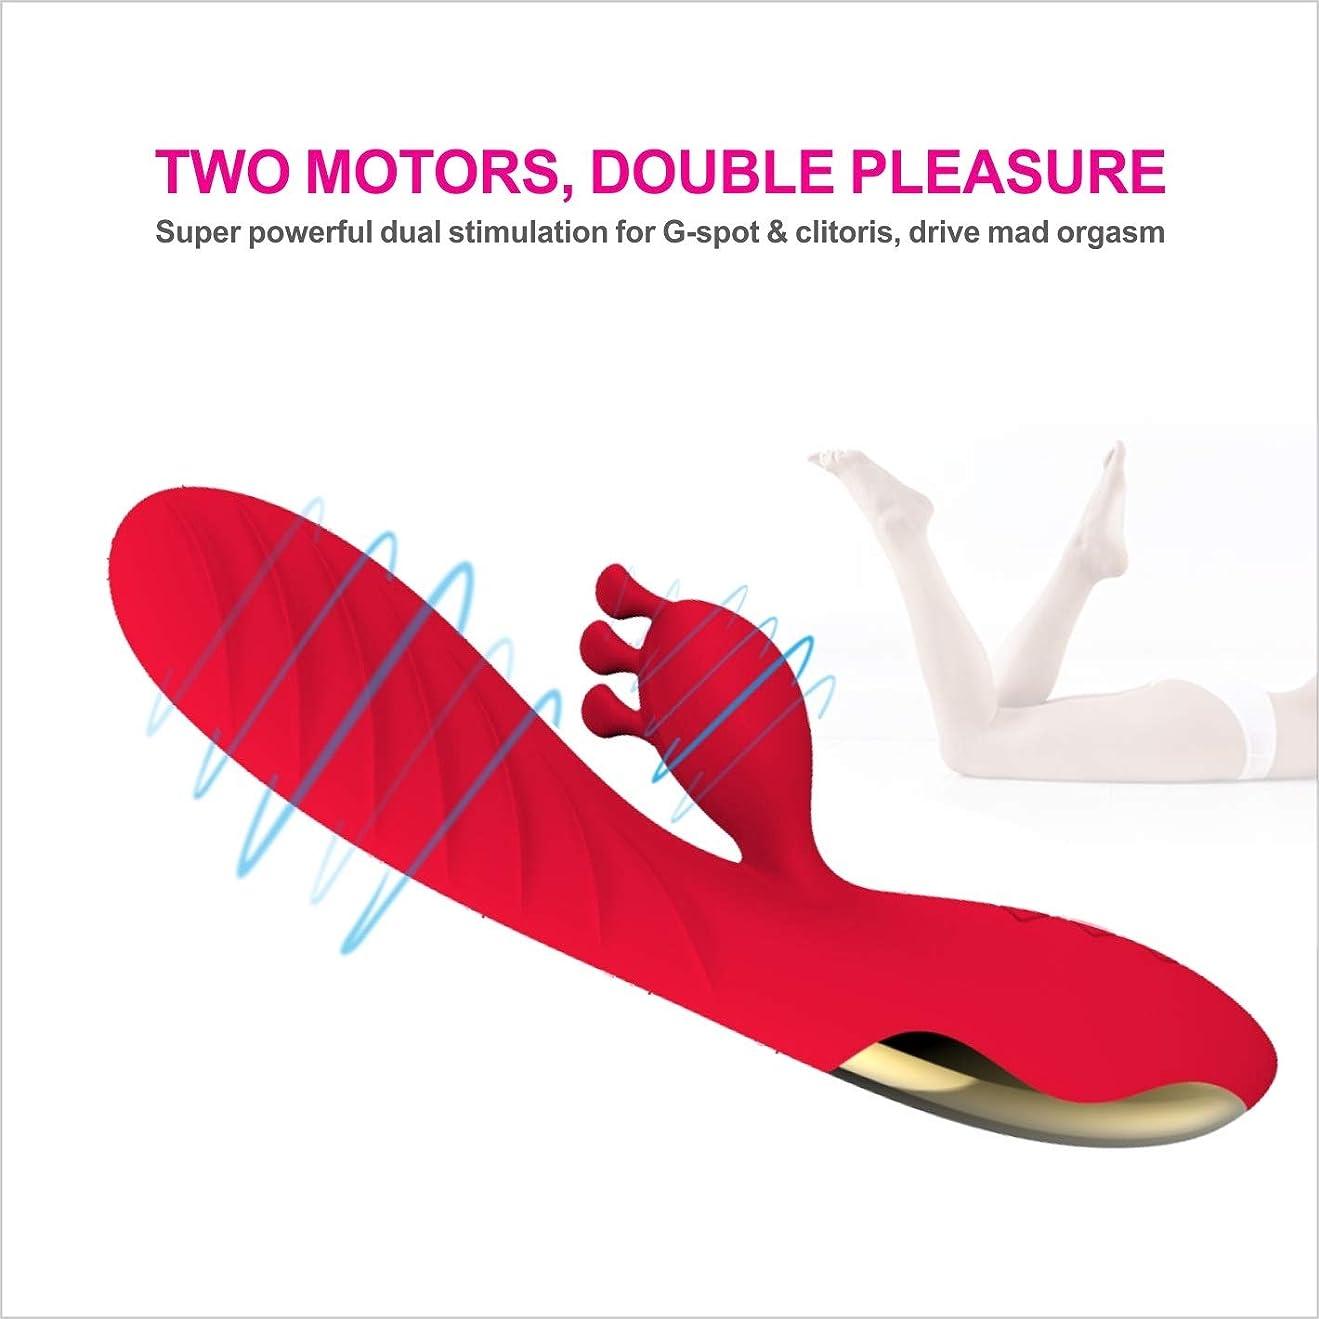 統計冒険気楽なZyuantyuan 安全なシリカゲルIPX65グレード防水レディース製品Gポイント振動ロッド女性シミュレーションウサギマッサージAVスティックローズレッド、パープルはオプションのTシャツバイブレーター Friction attrition